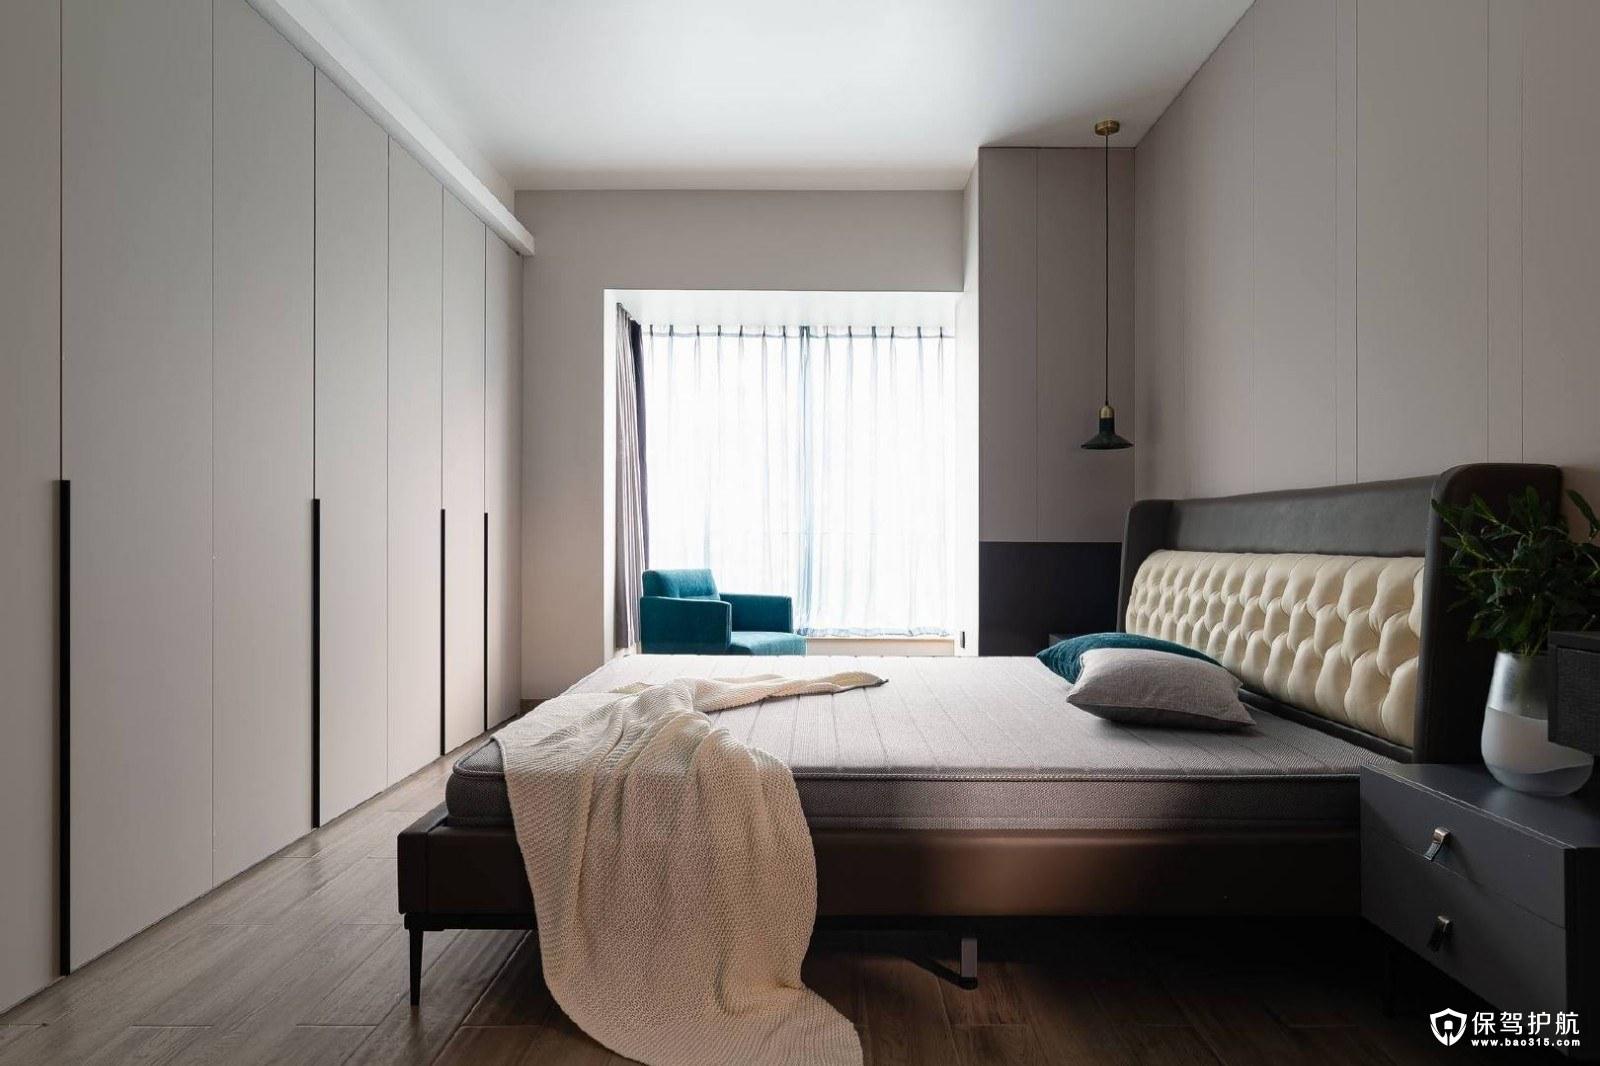 世界公元109㎡现代简约风格三居室装修效果图